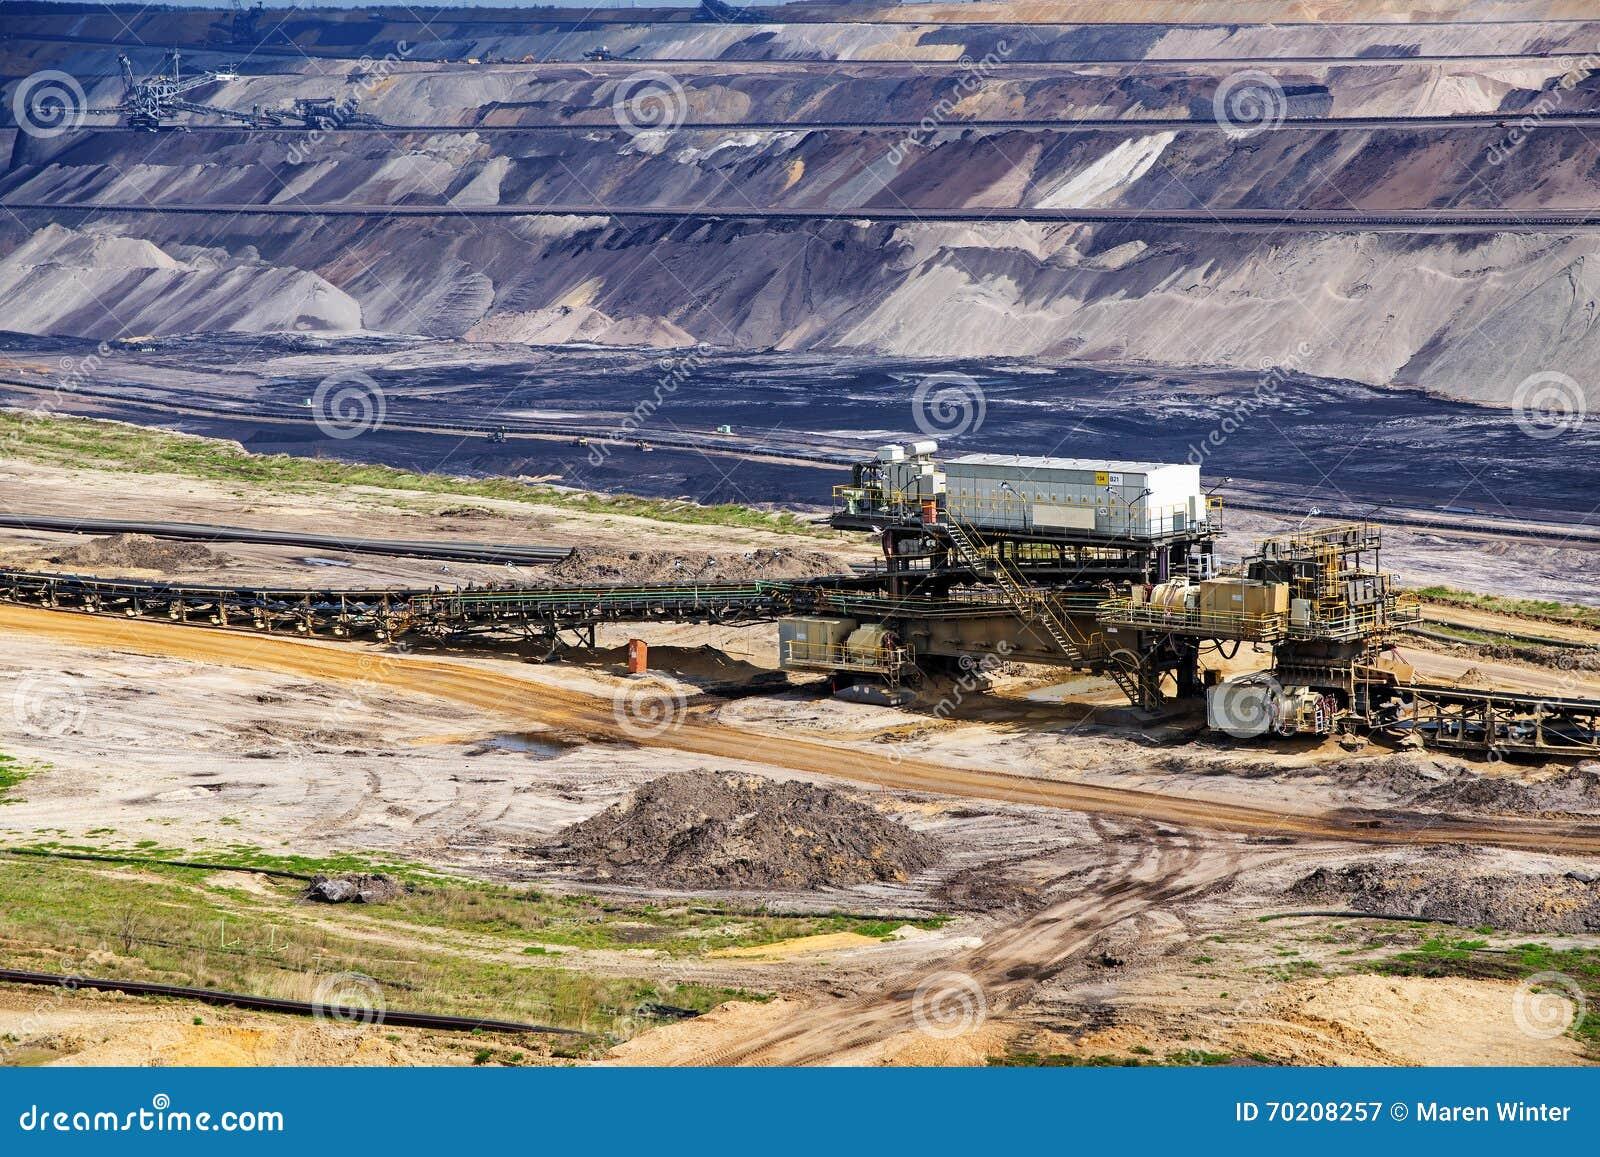 Estrazione diretta della lignite (lignite) in Garzweiler, Germania